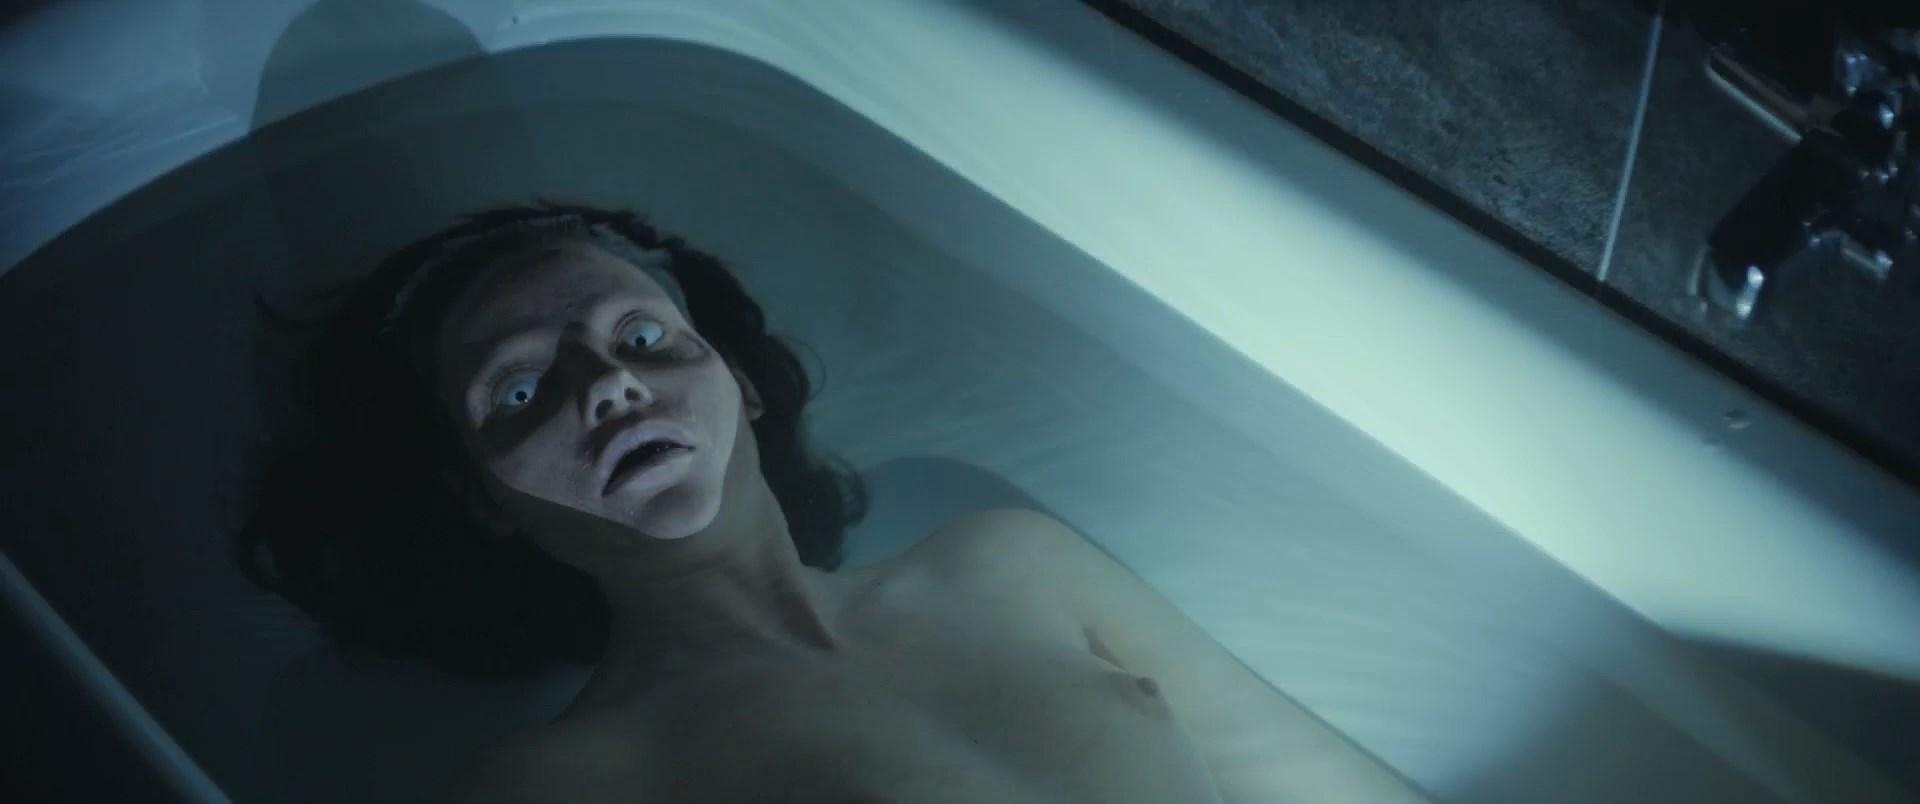 Mireia Oriol Nude Nudecelebvideo Your Box Of Nude Celebrities